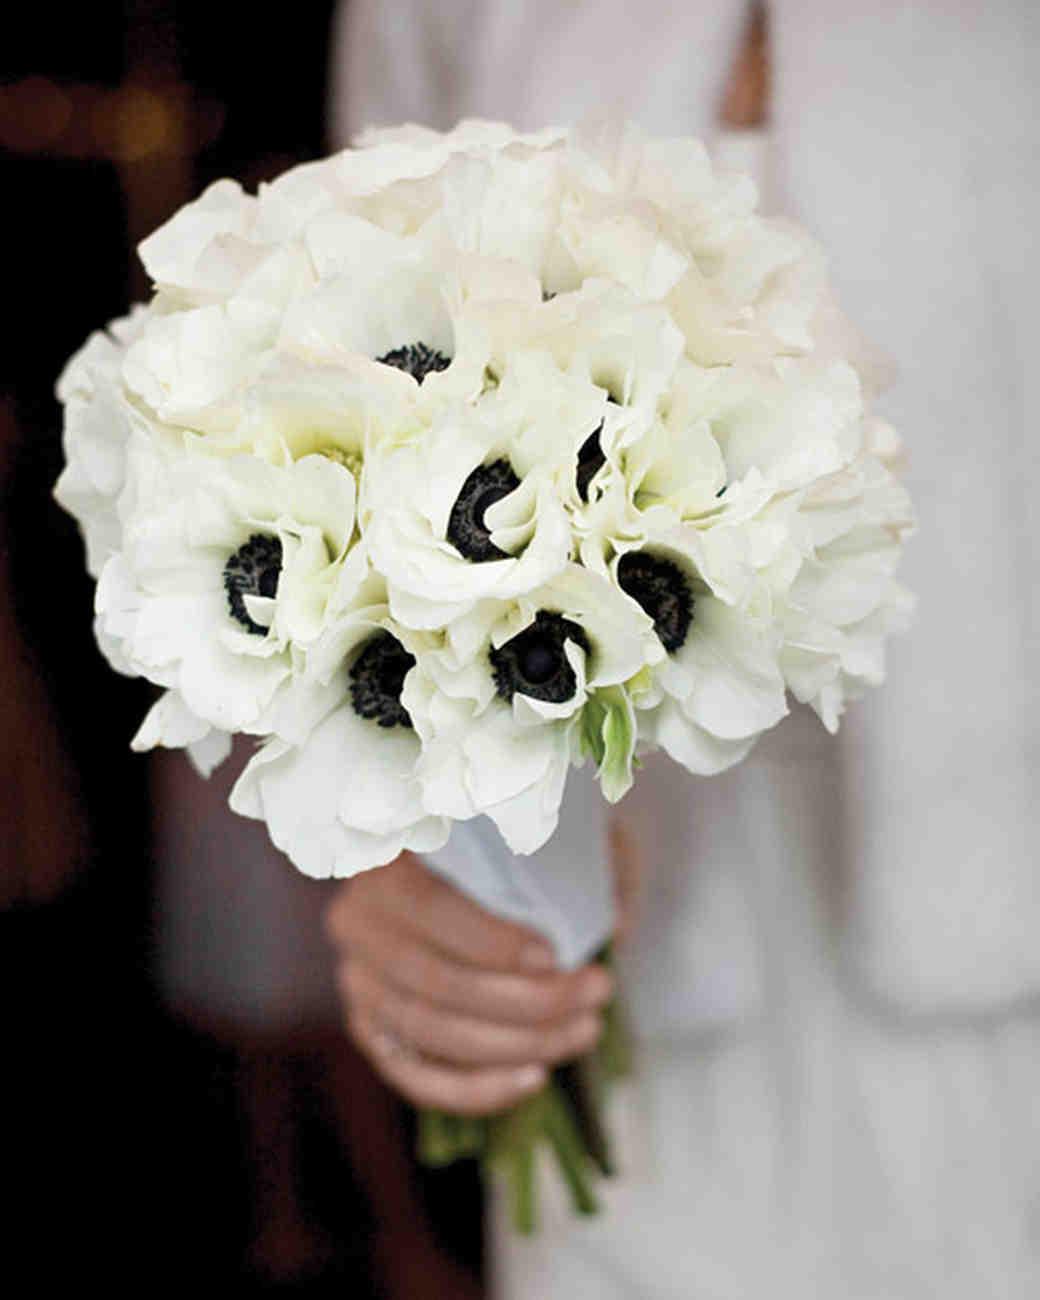 Wedding Flowers With Names: Martha Stewart Weddings